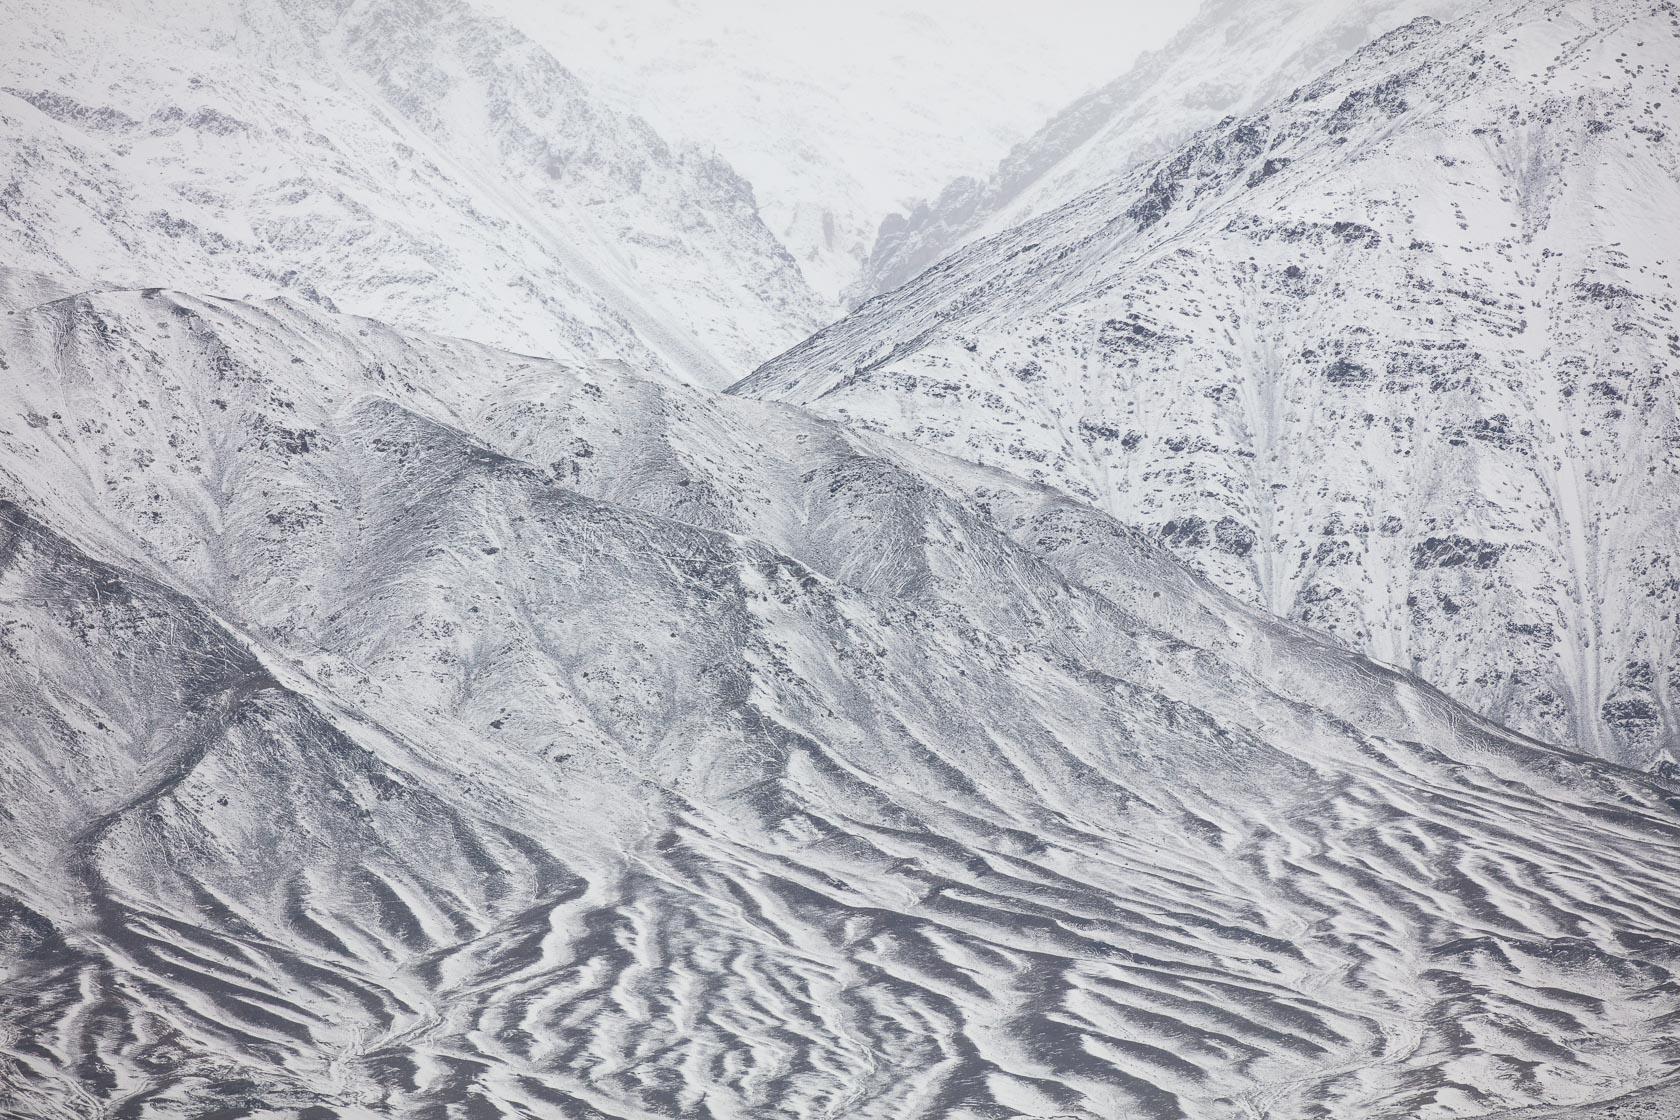 montagnes enneigées au Ladakh en Inde